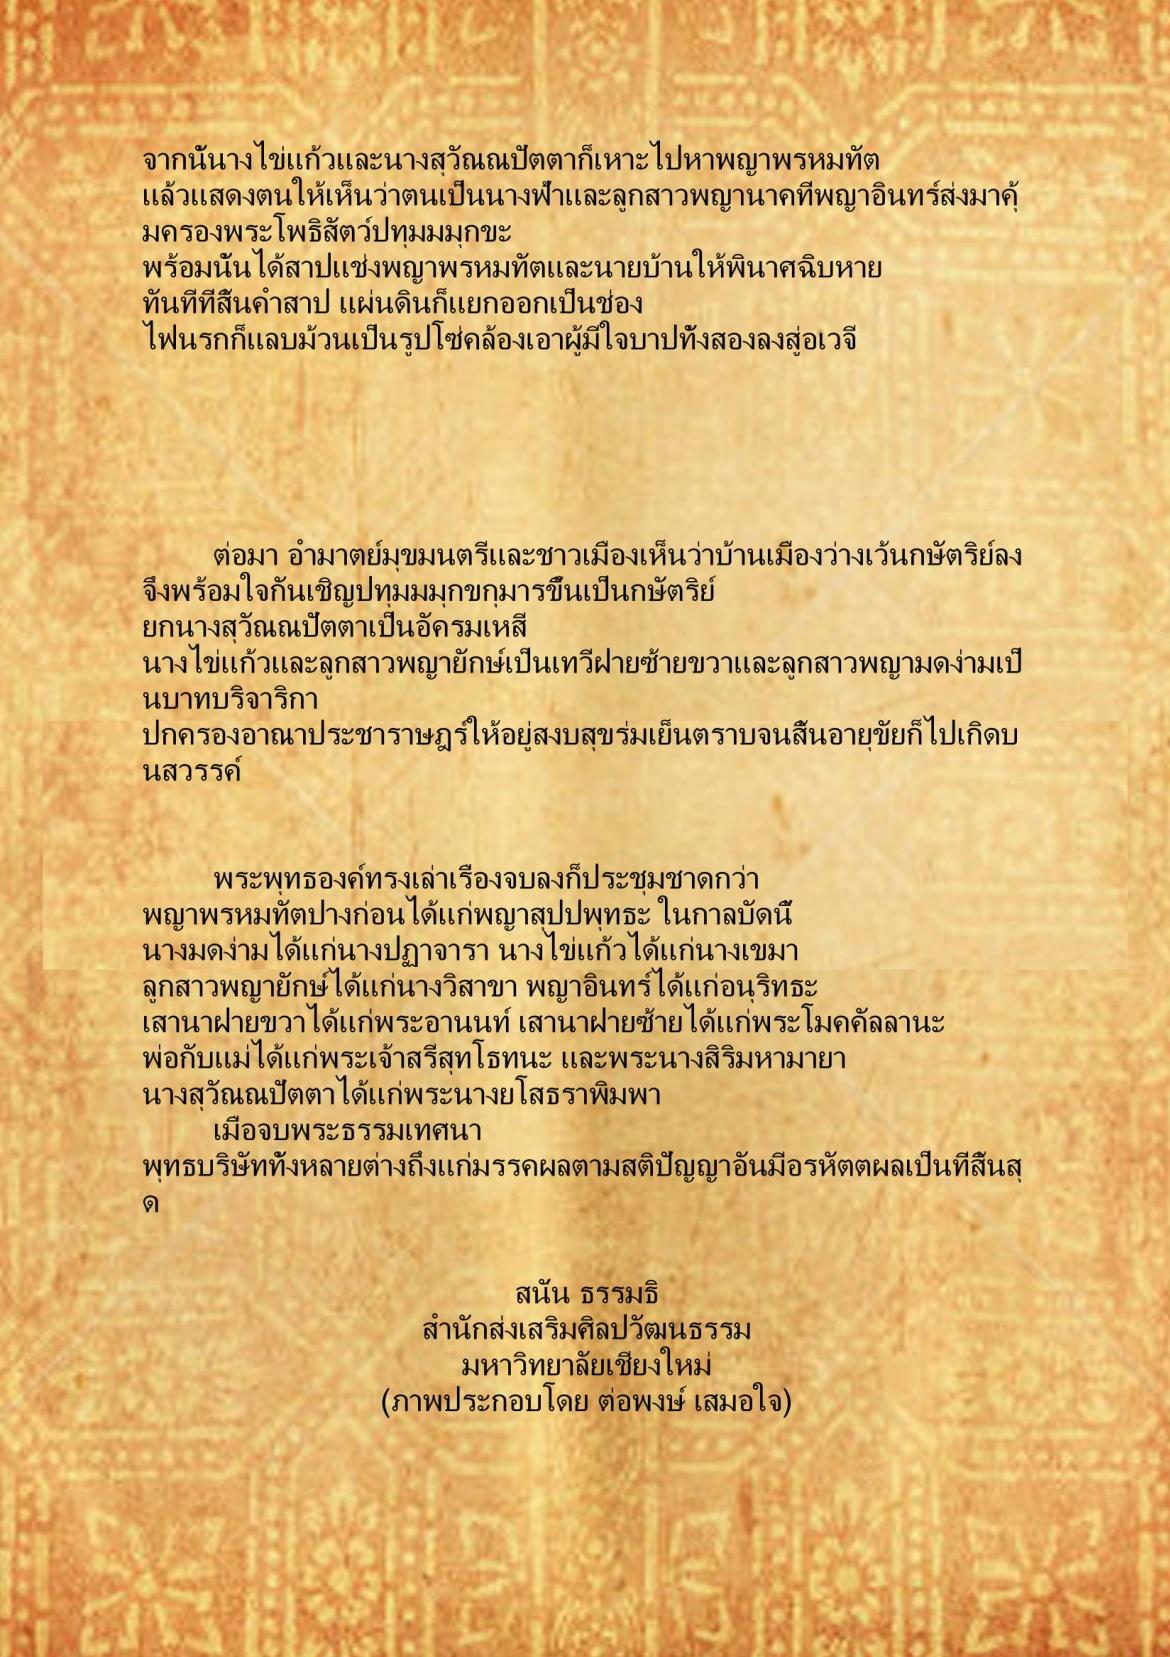 ปทุมมมุกขกุมาร (2) -  28  มีนาคม  2559